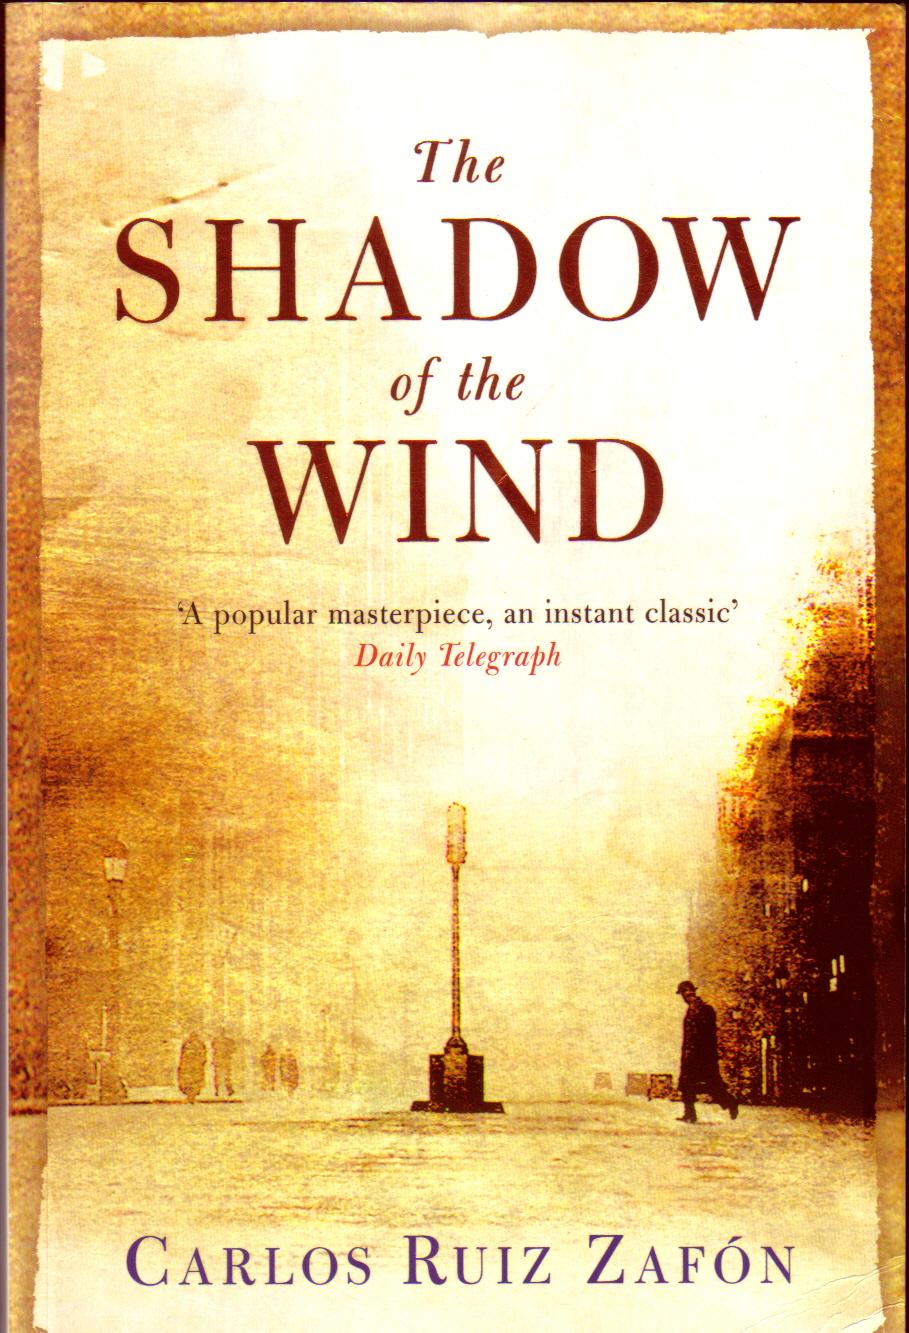 The Shadow of the Wind byCarlos Ruiz Zafon